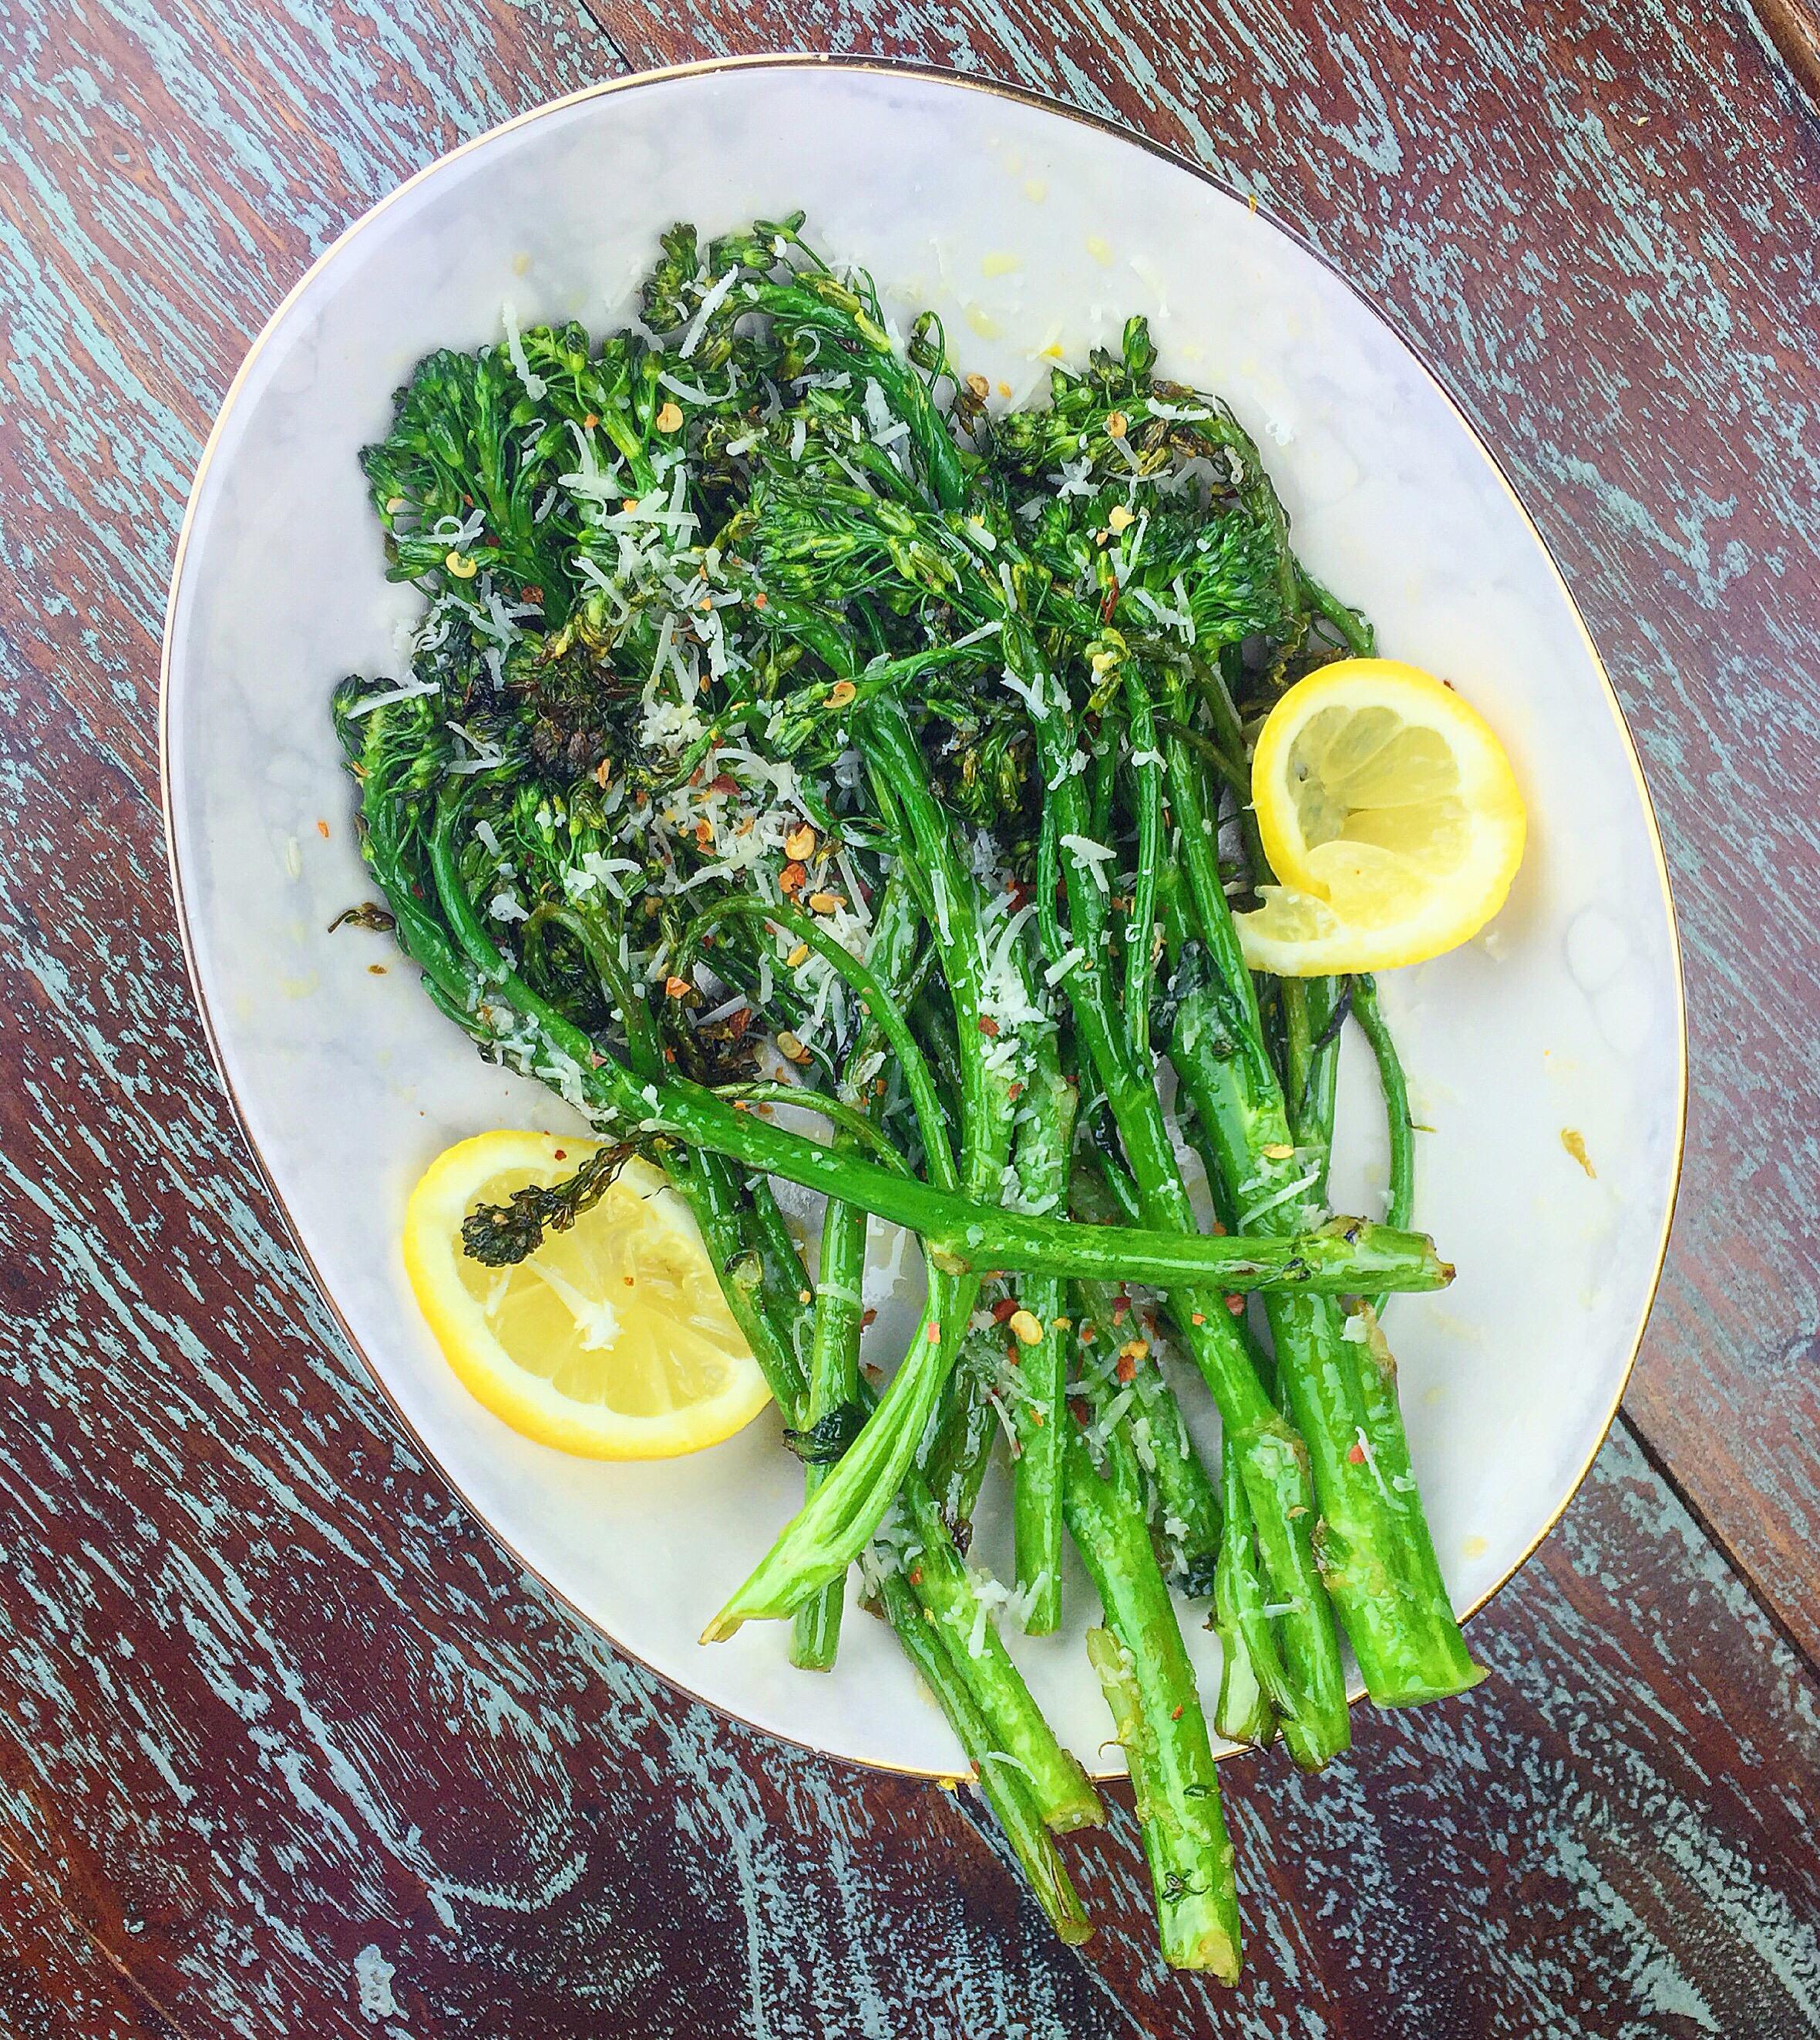 cacio e pepe style broccolini | kitchen lush